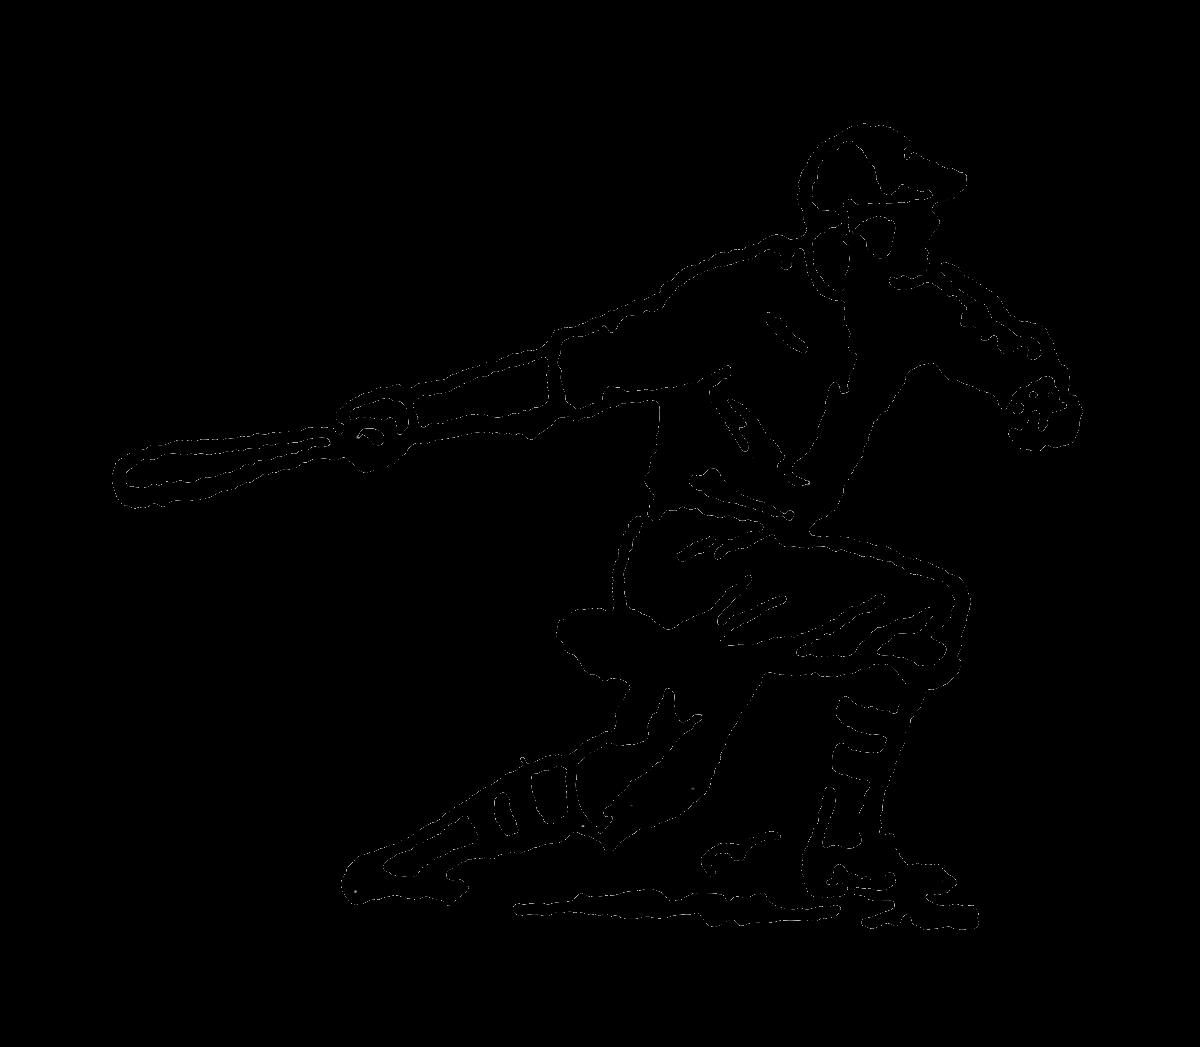 Retro baseball clipart image download Digital Stamp Design: Vintage Stock Sports Clip Art Illustrations ... image download